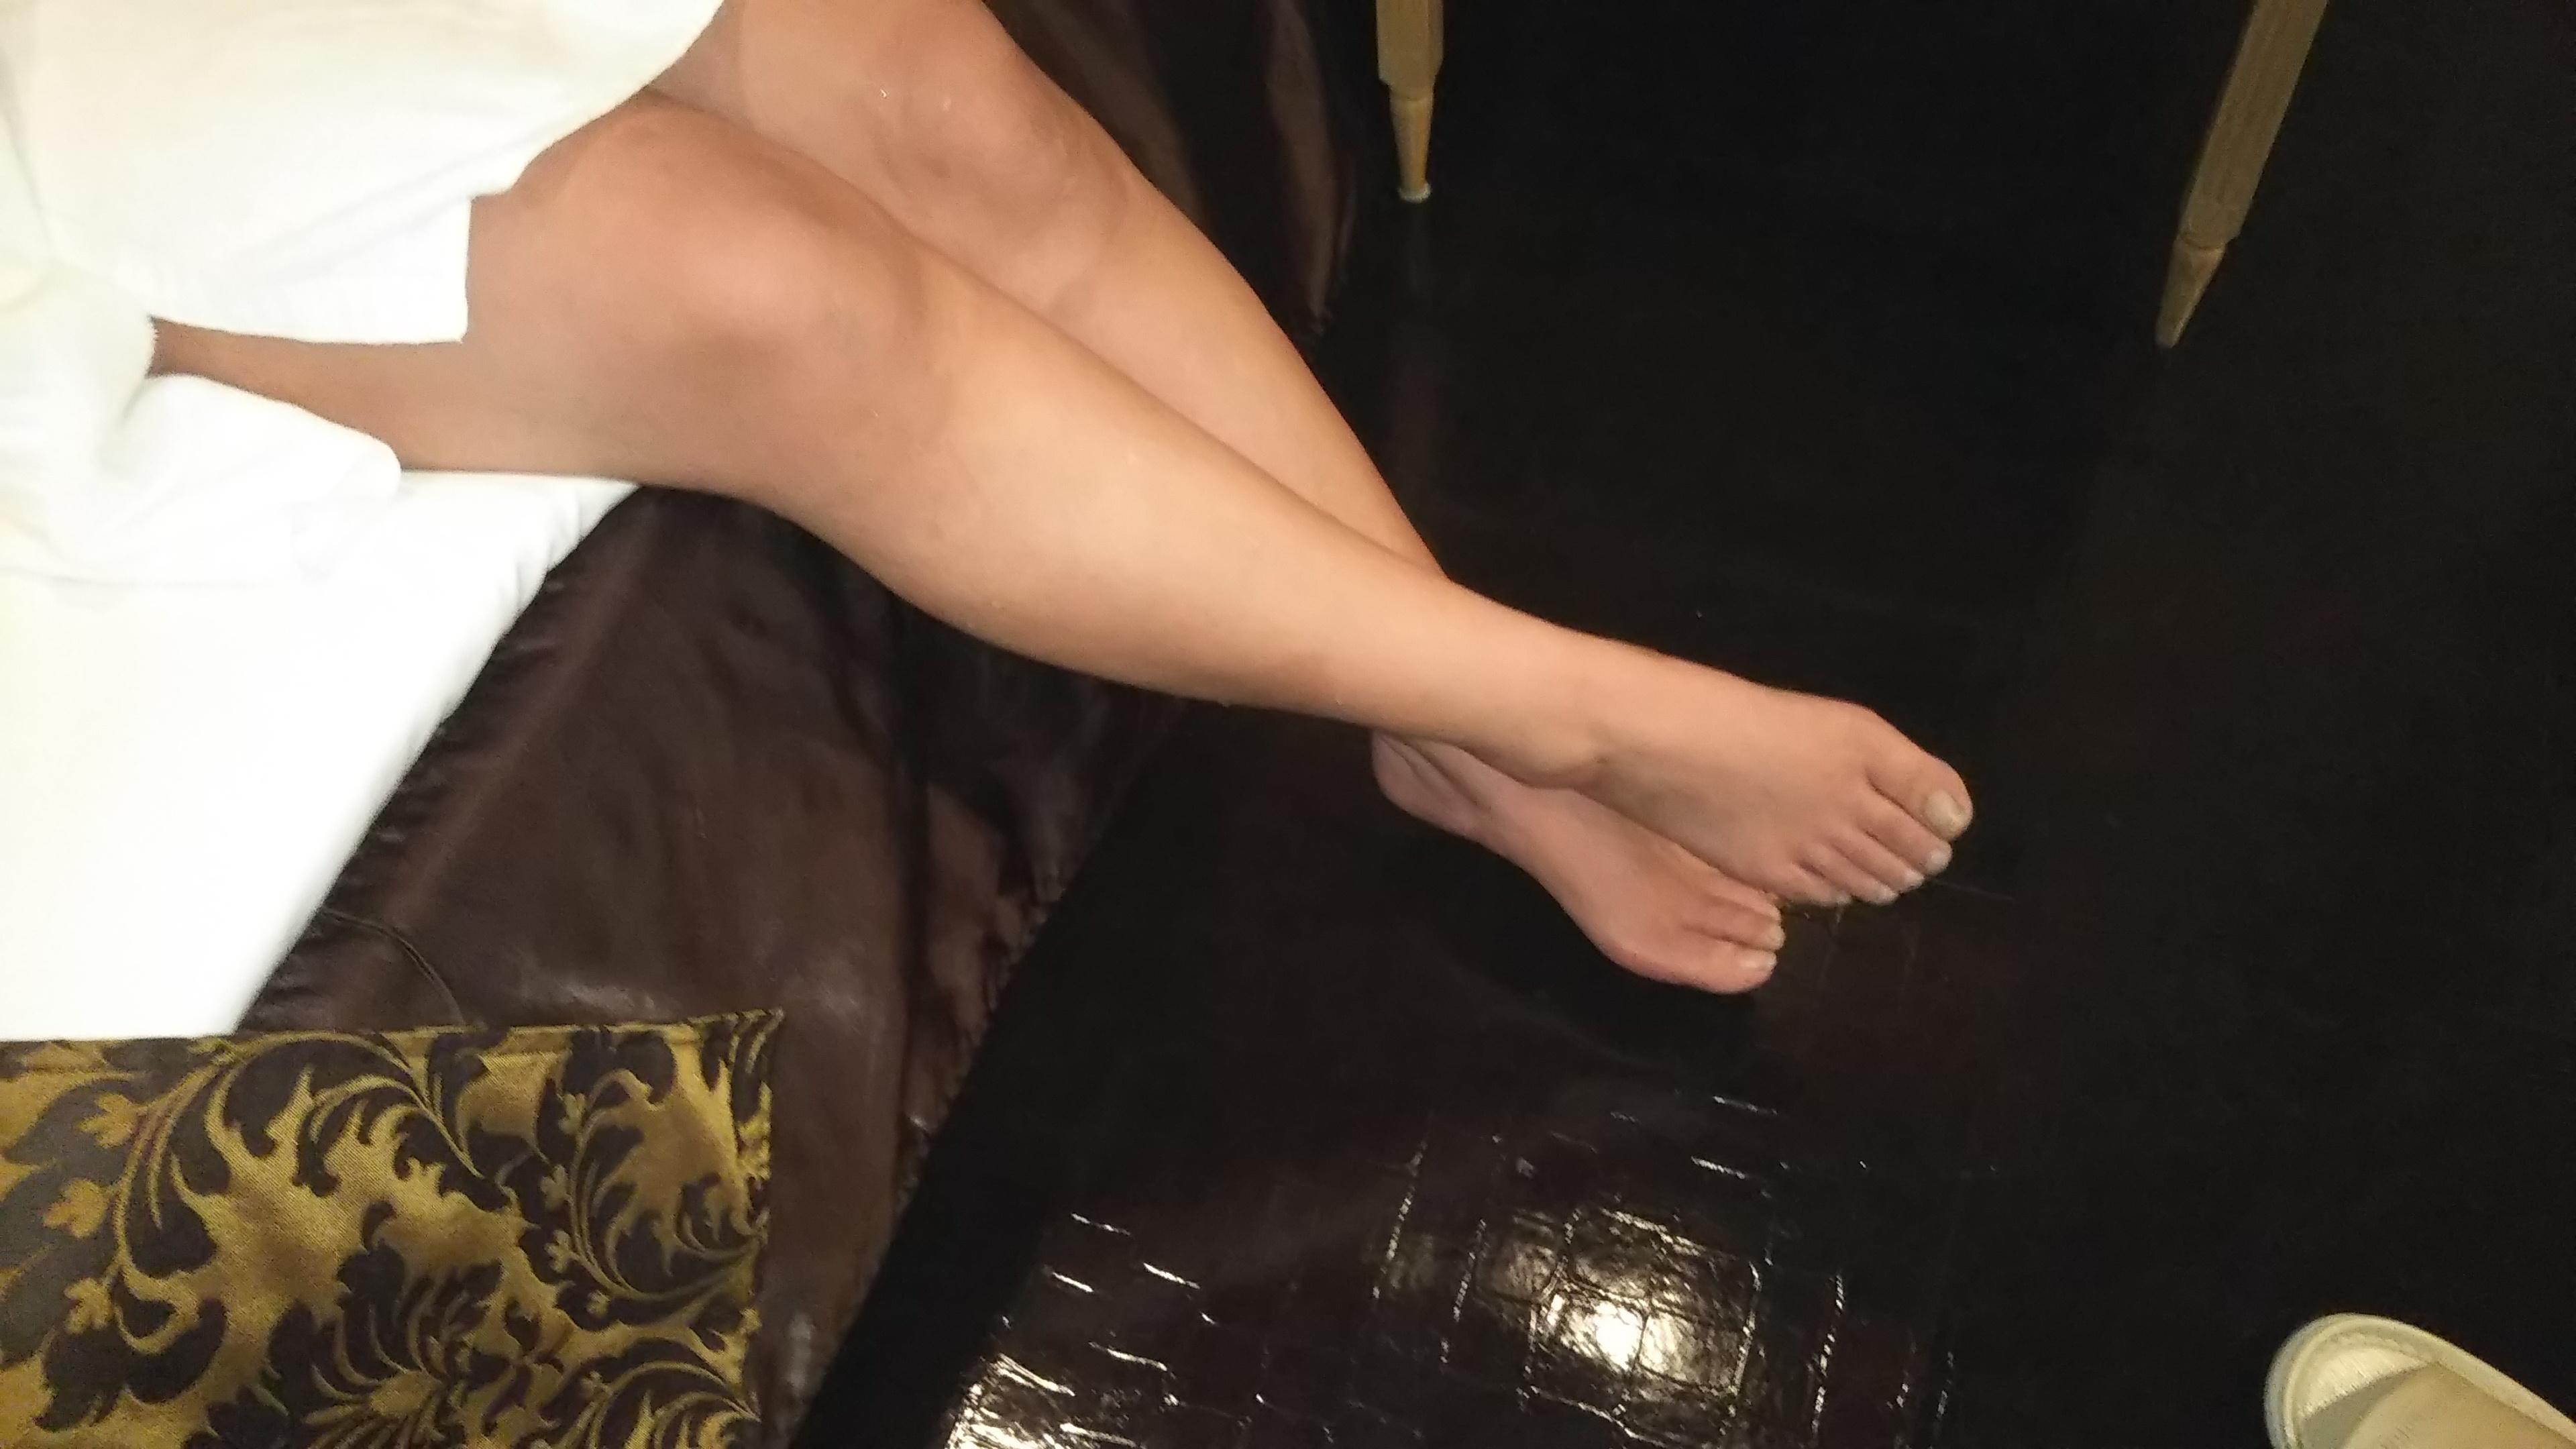 「おはようございます(^w^)」06/24(月) 11:53 | 絵美子の写メ・風俗動画